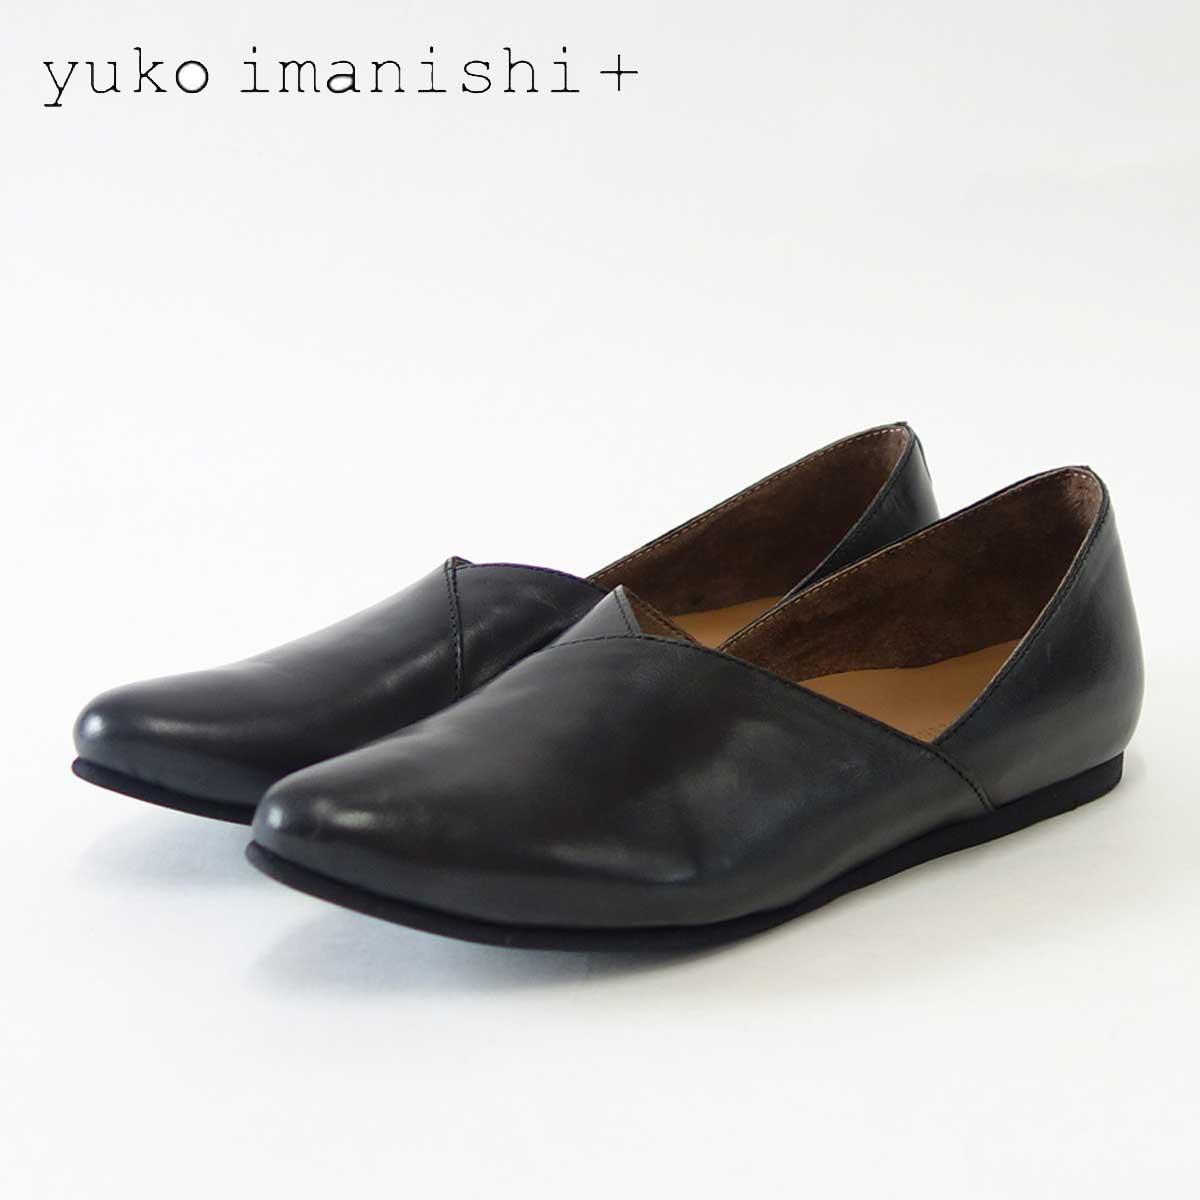 ユーコ イマニシ yuko imanishi +  76149 ブラック 甲深 フラット スリッポンシューズ 「靴」